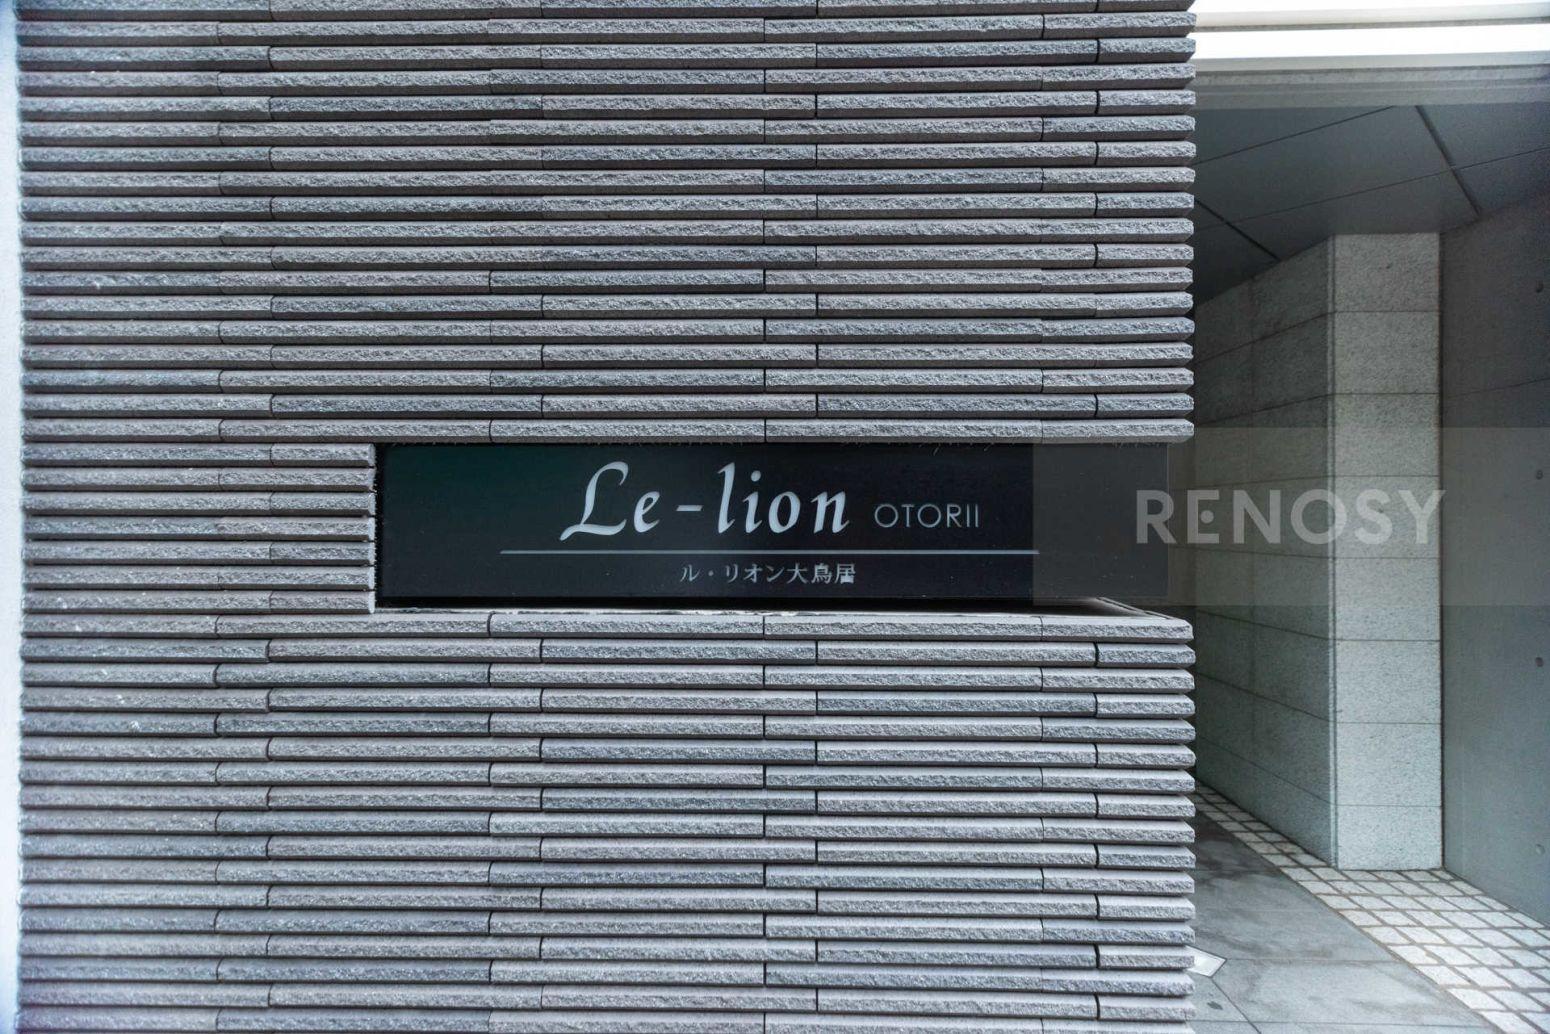 Le-lion大鳥居